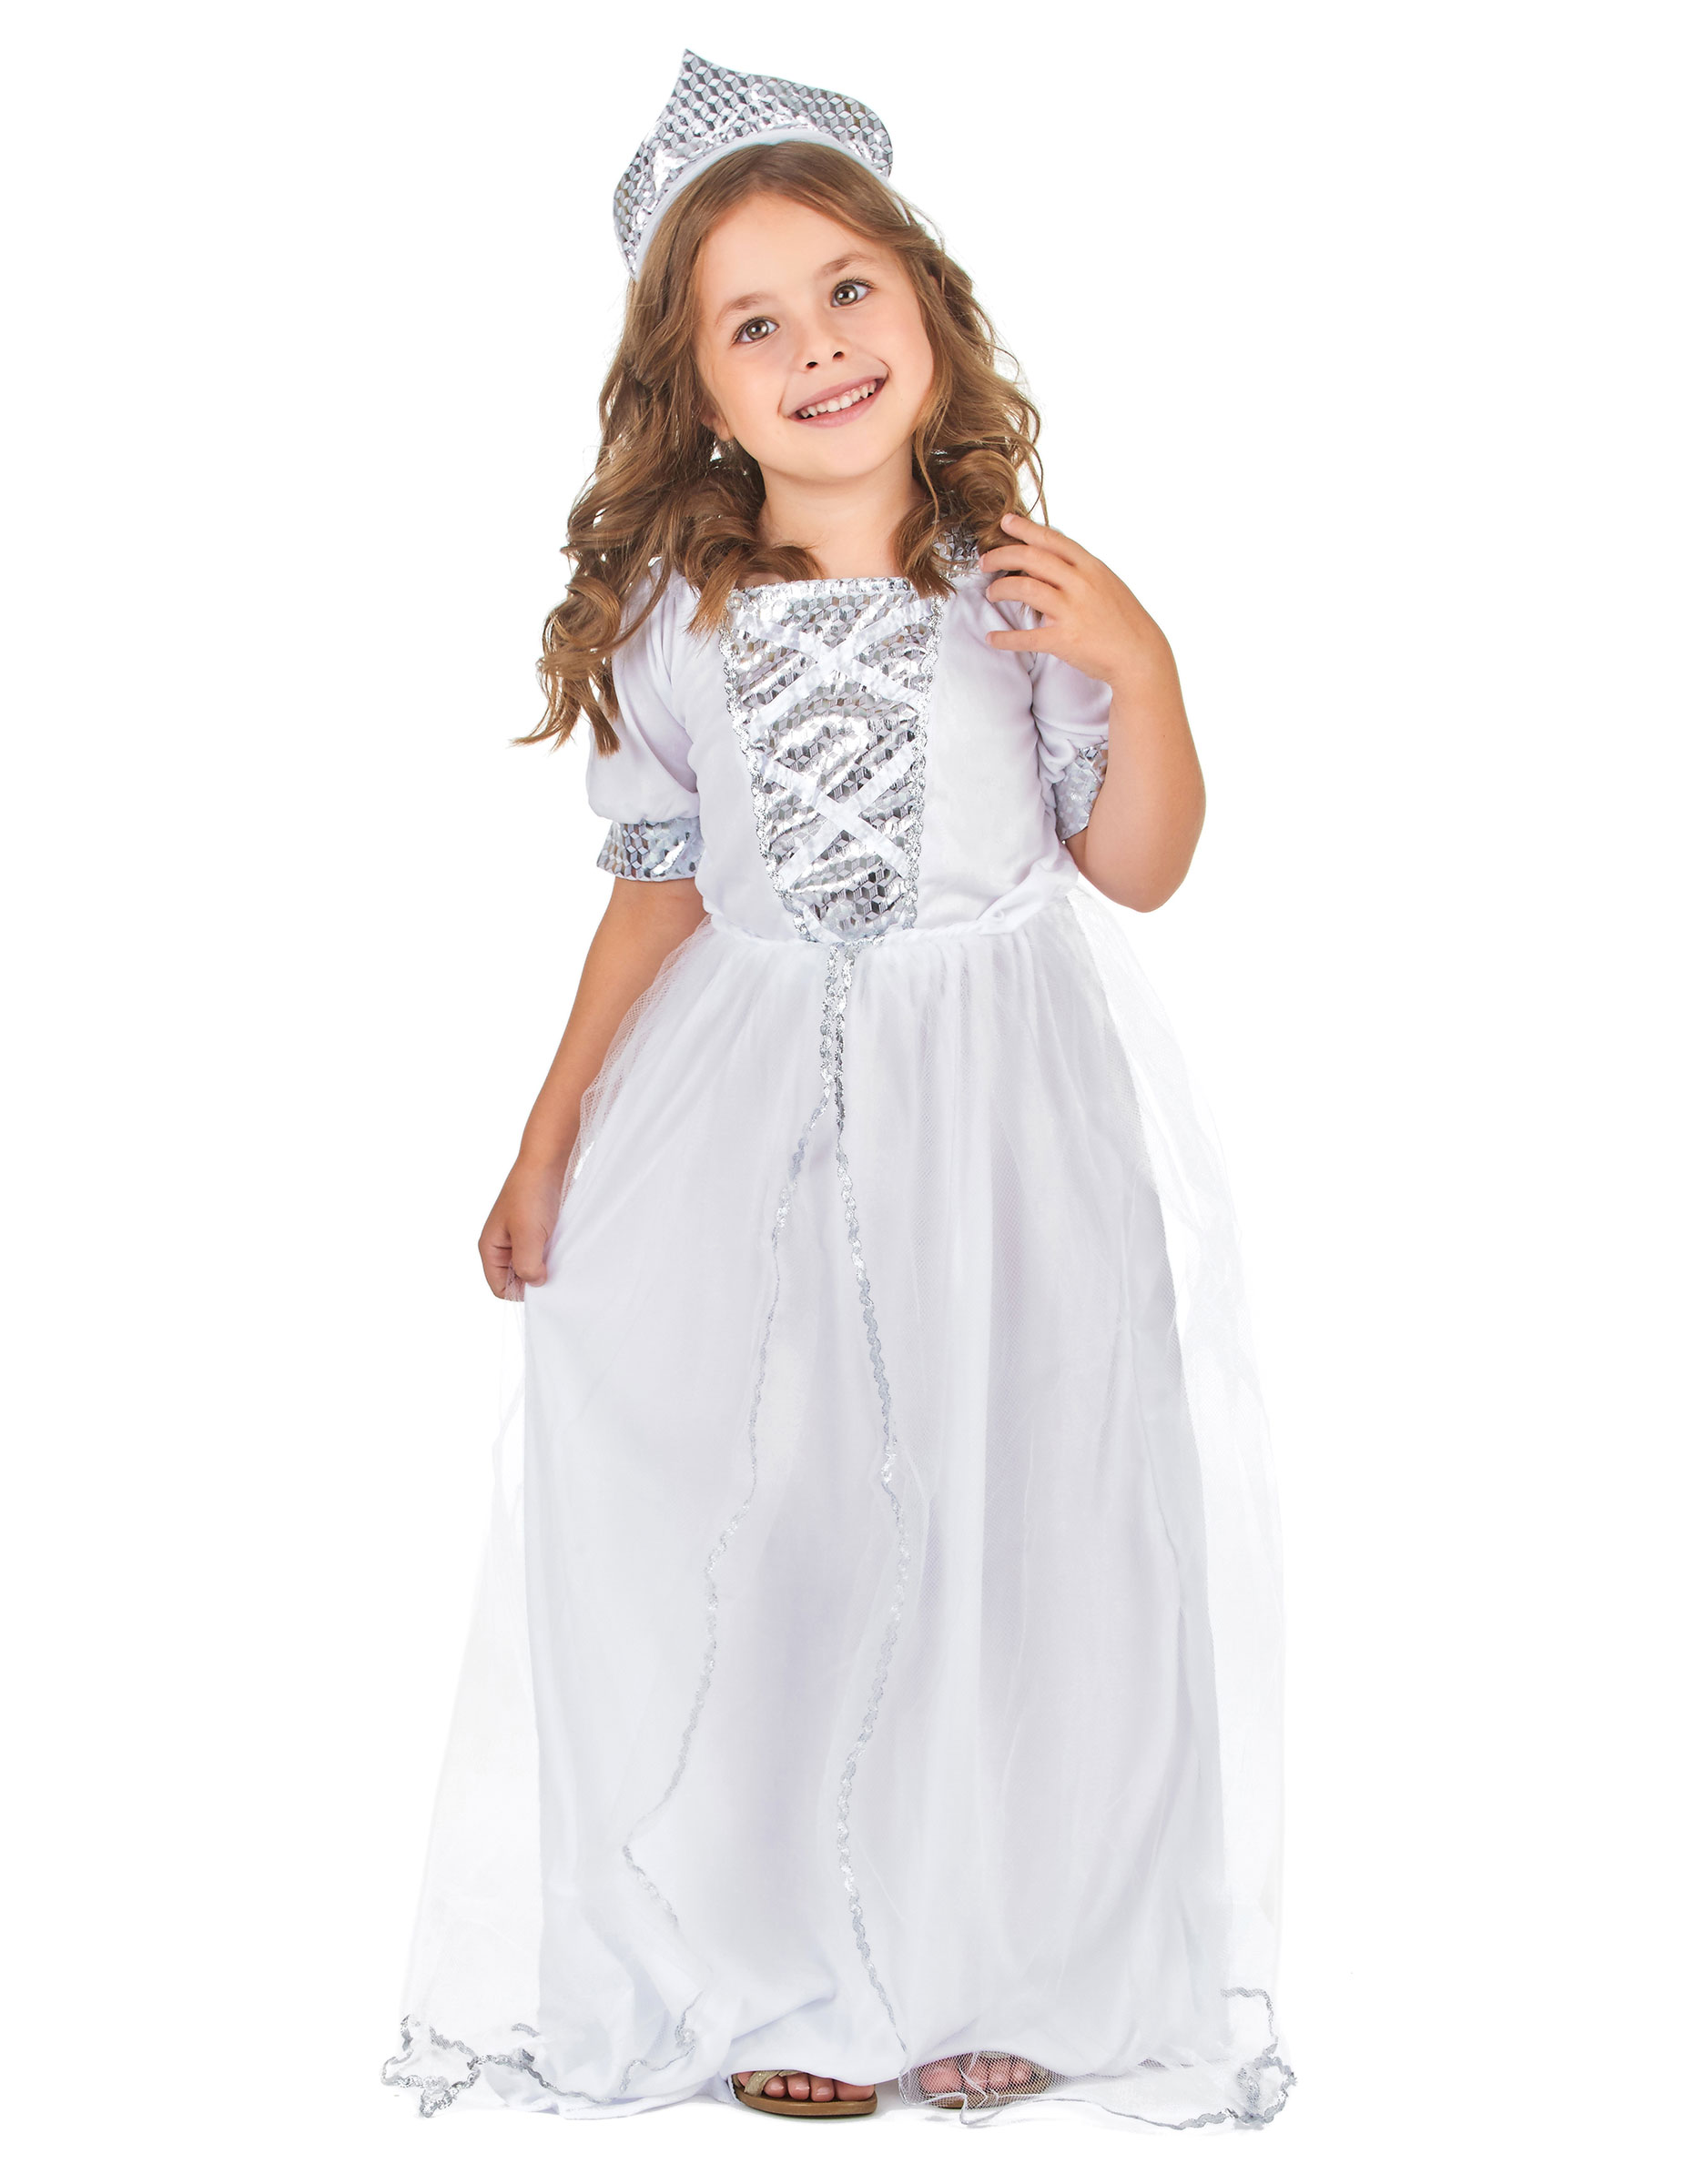 D guisement princesse fille d coration anniversaire et f tes th me sur vegaoo party - Deguisement fille princesse ...